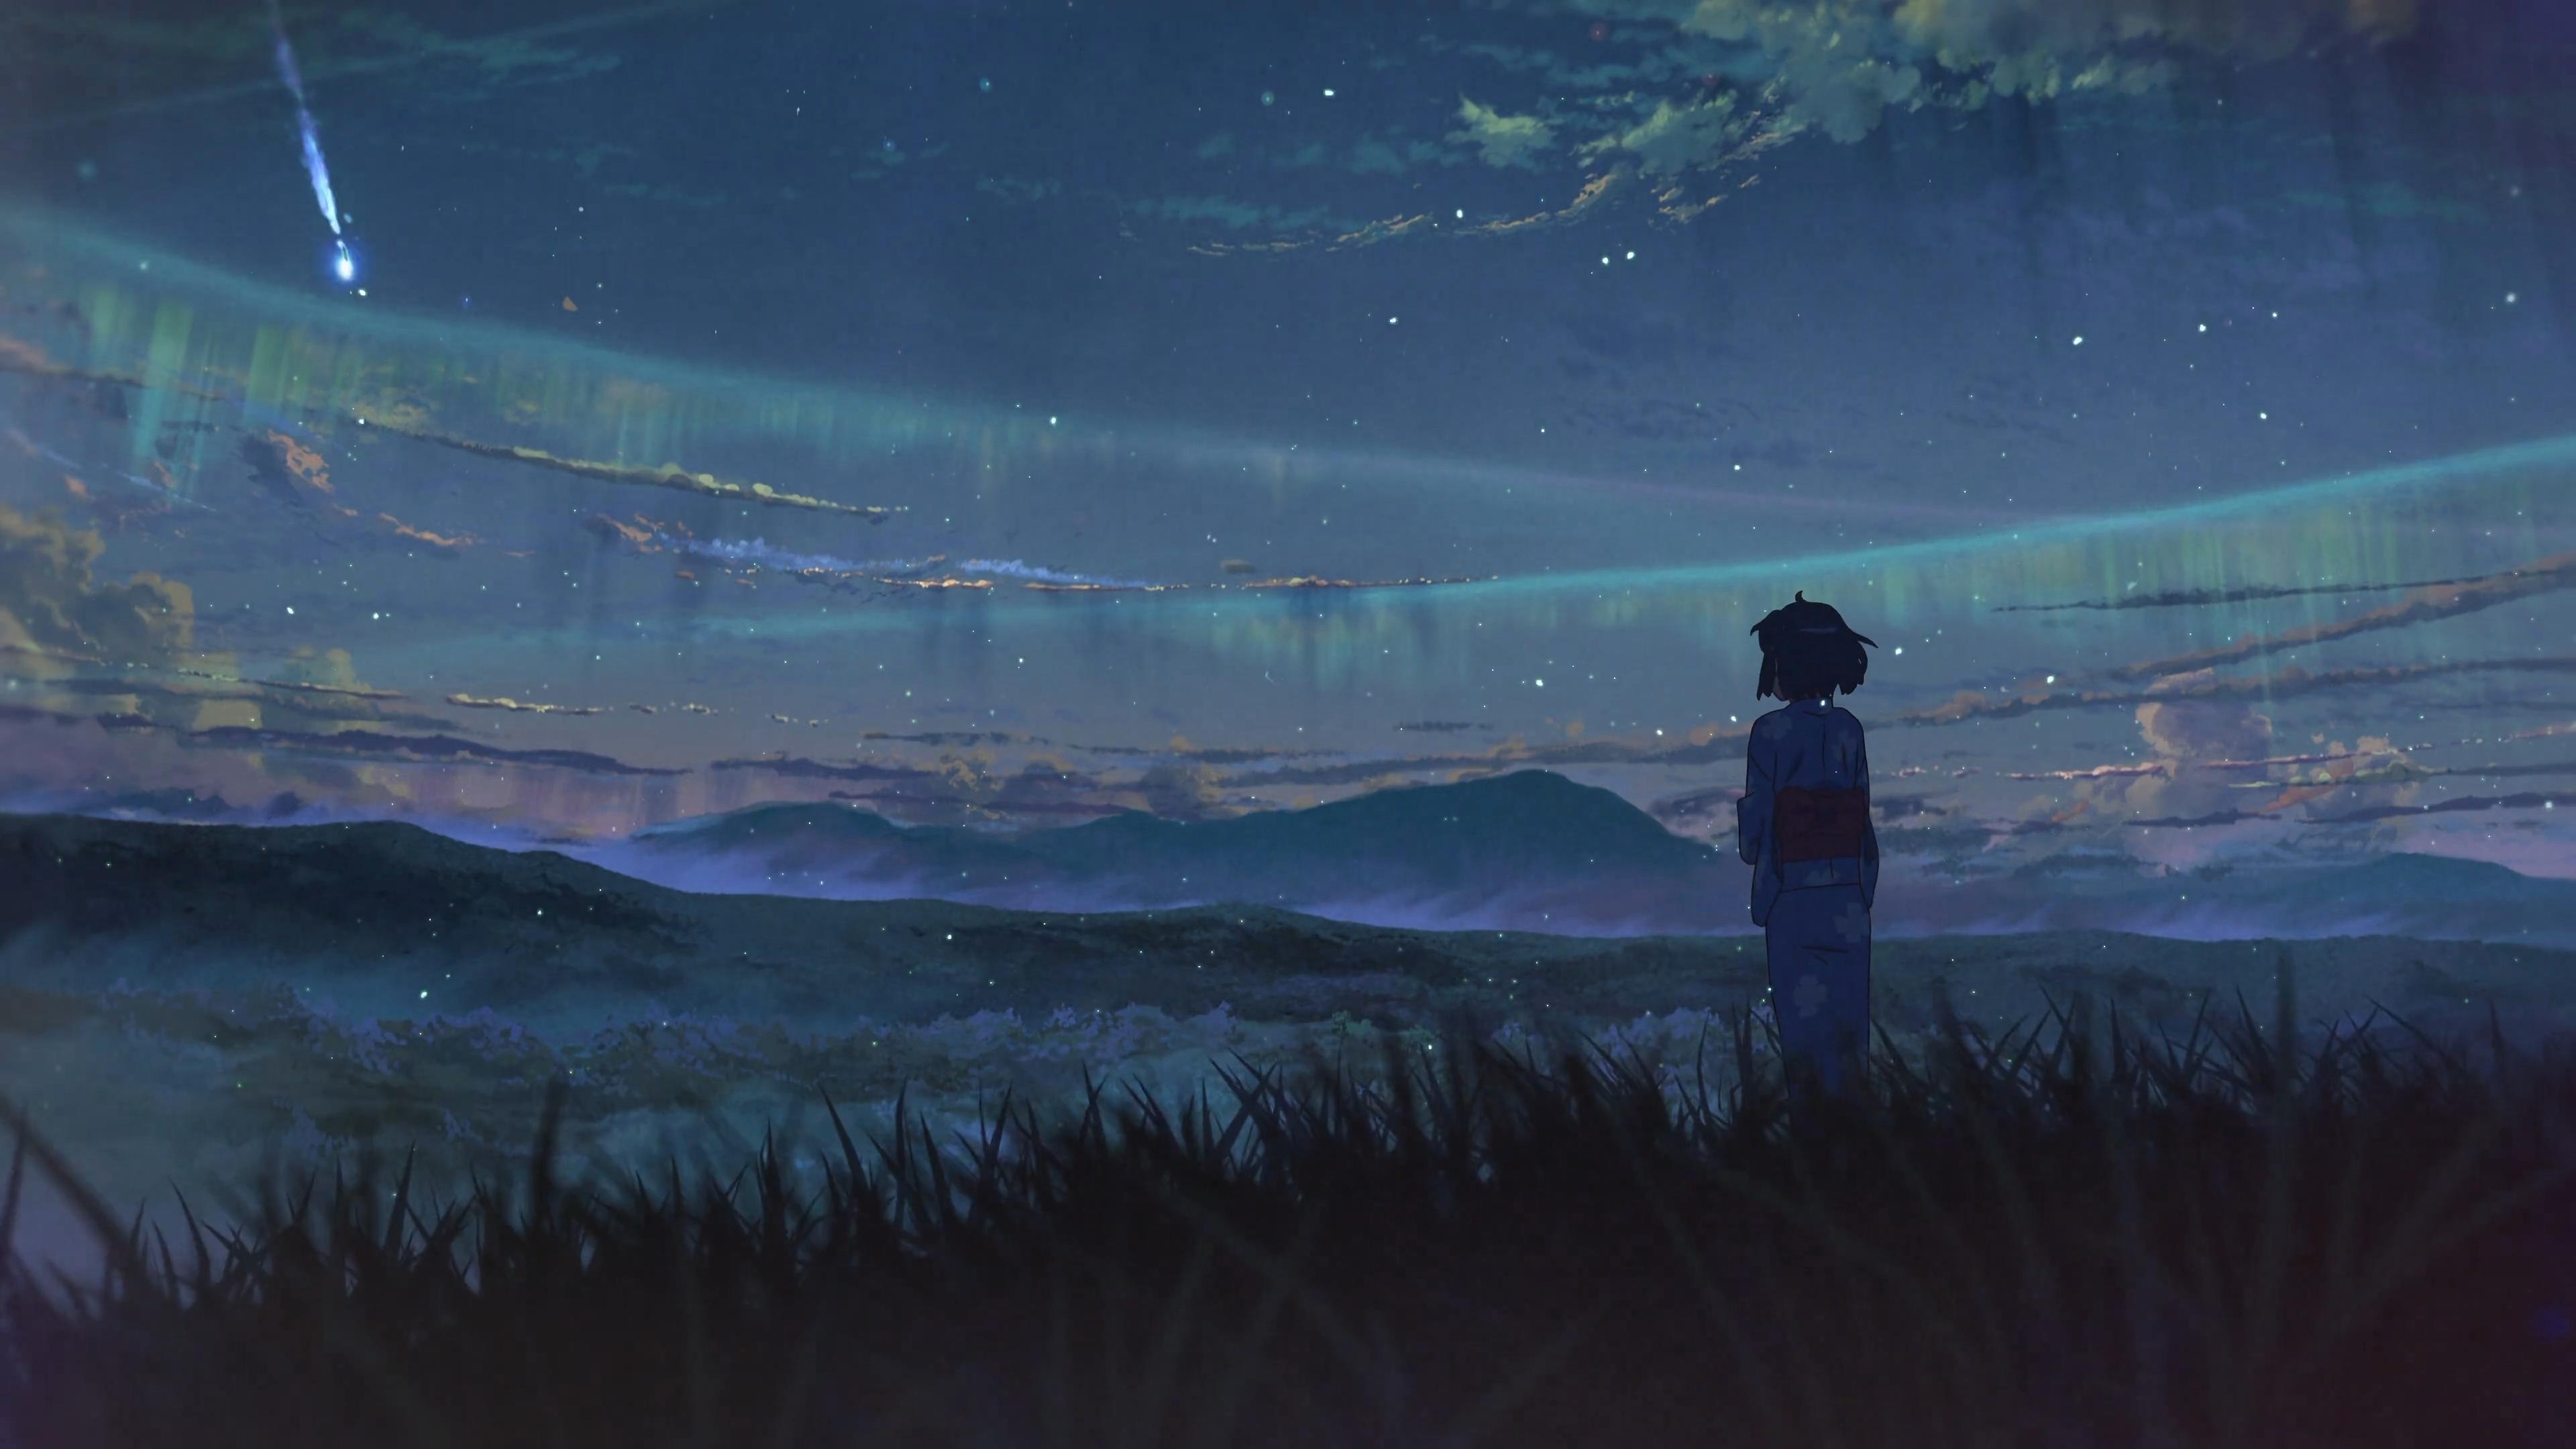 Makoto Shinkai Kimi No Na Wa Wallpaper аниме гиф космос